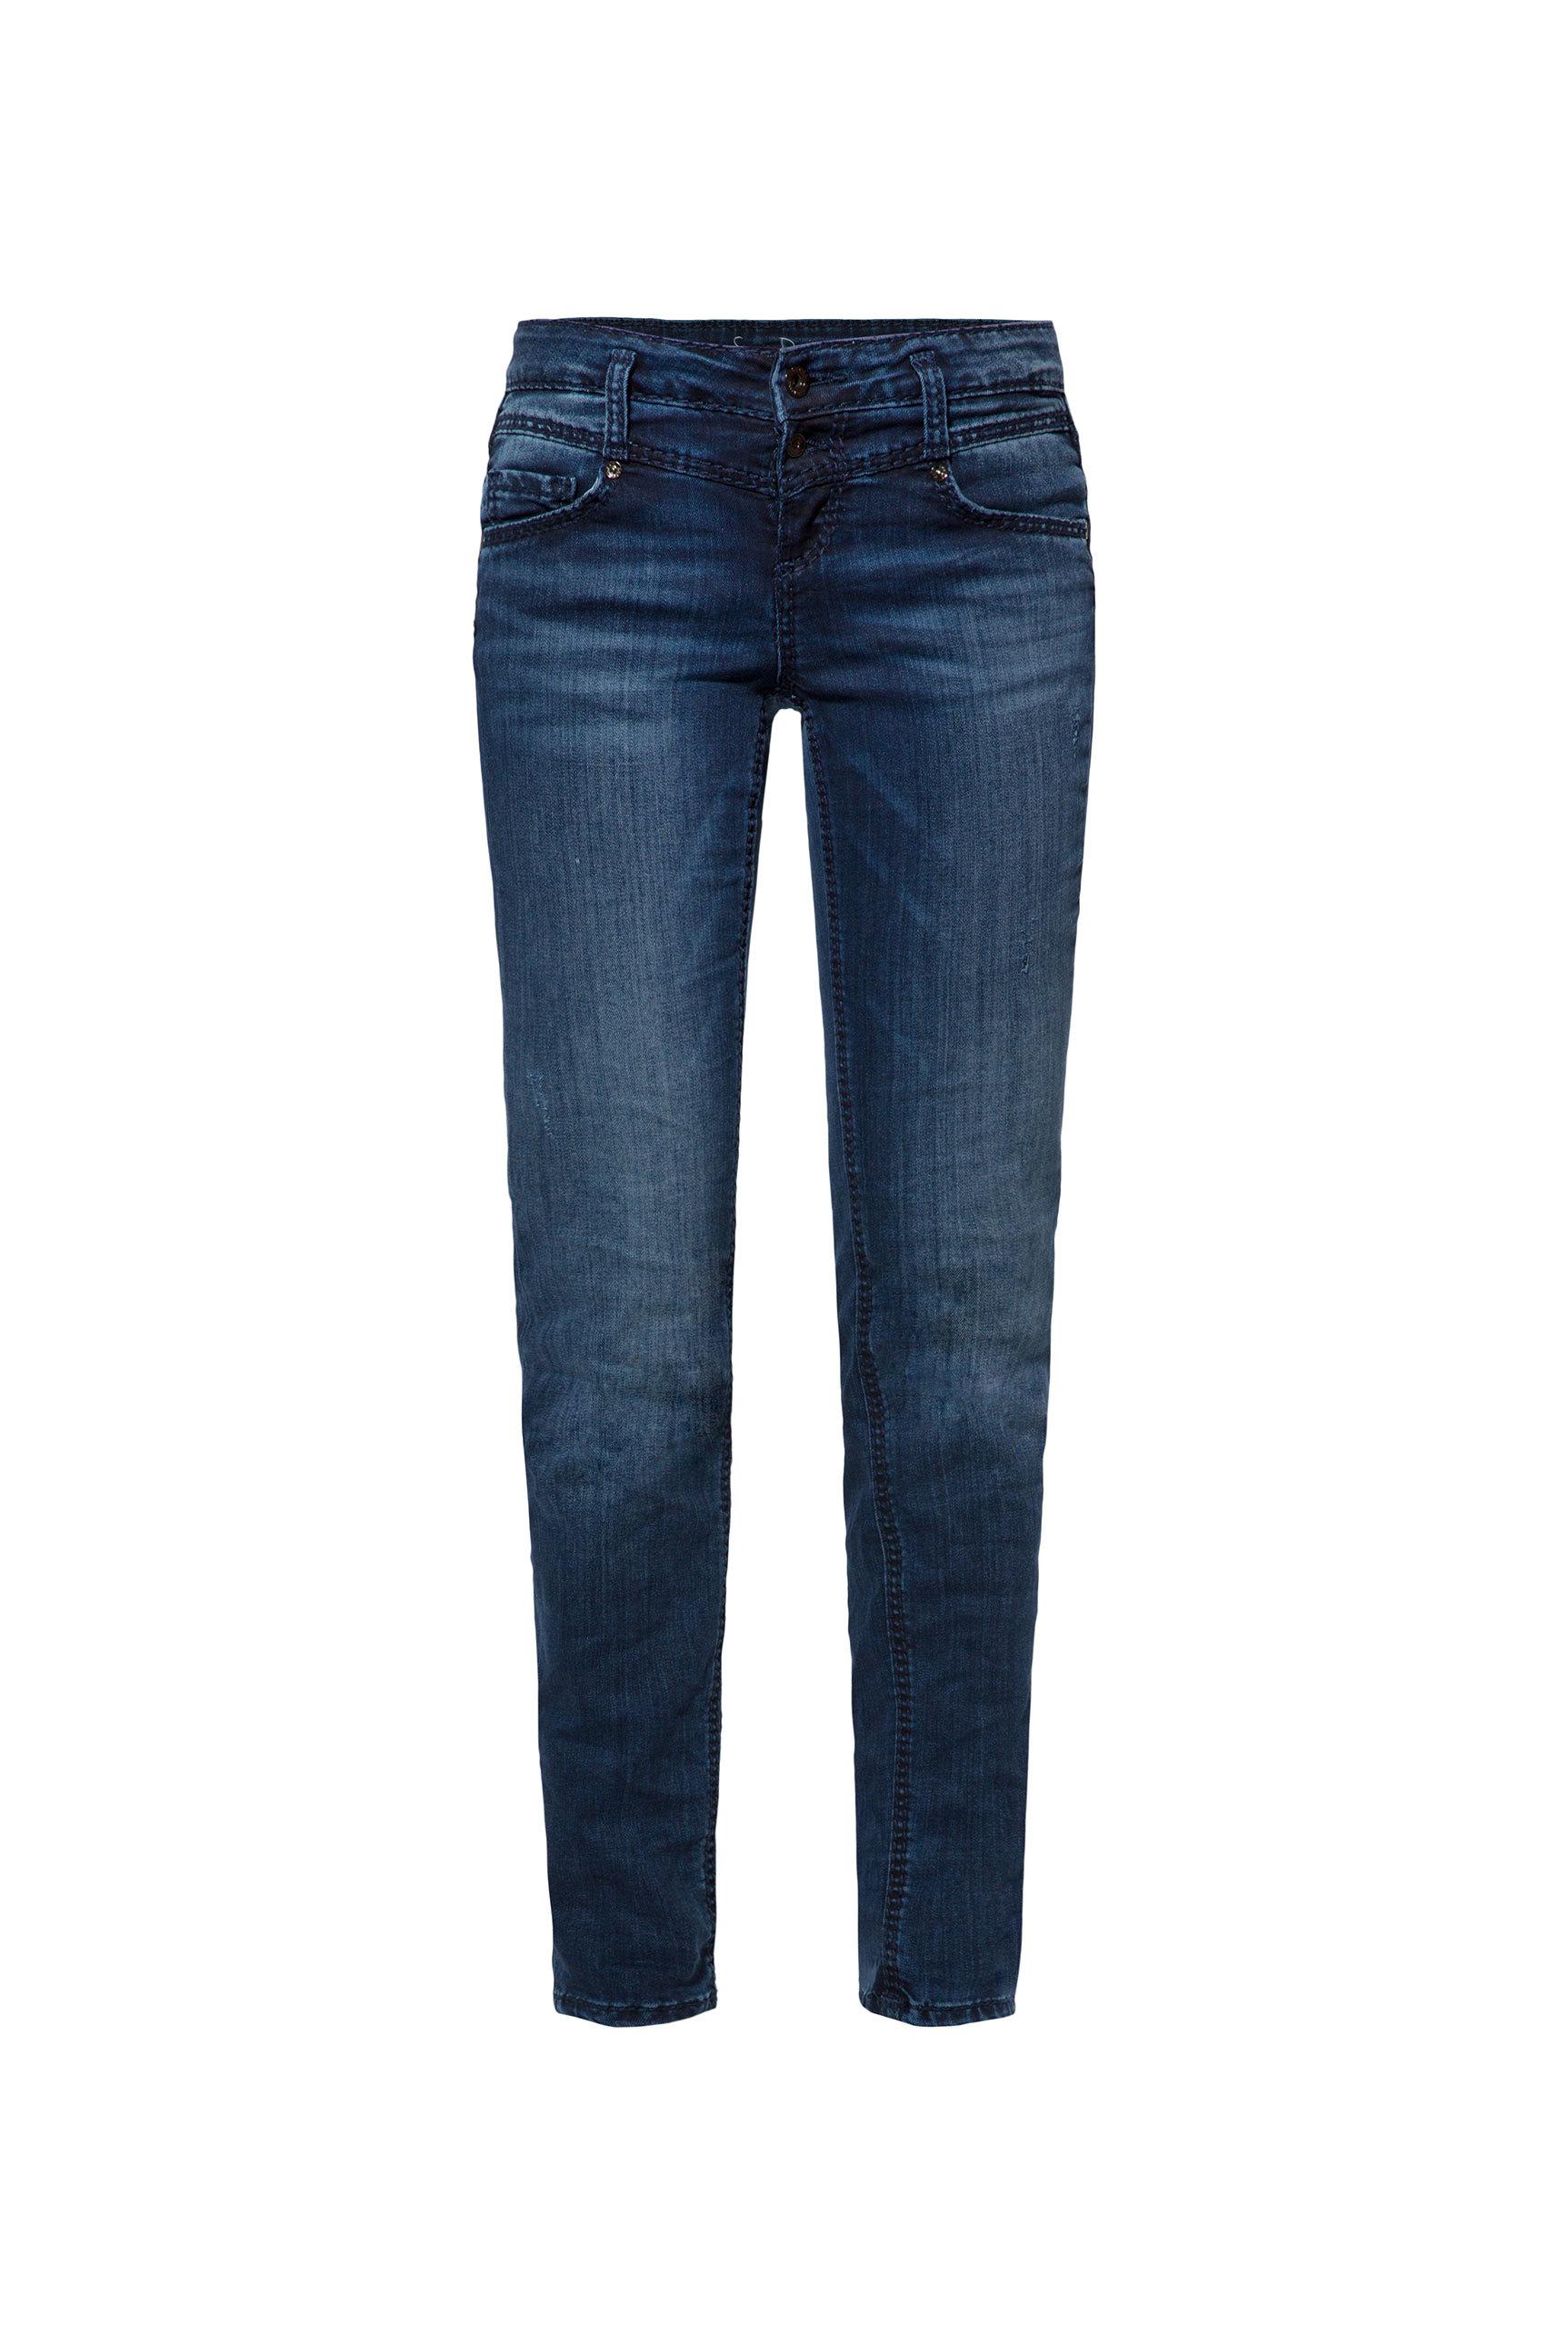 Destroyed Jeans KA:RA mit dunkler Waschung